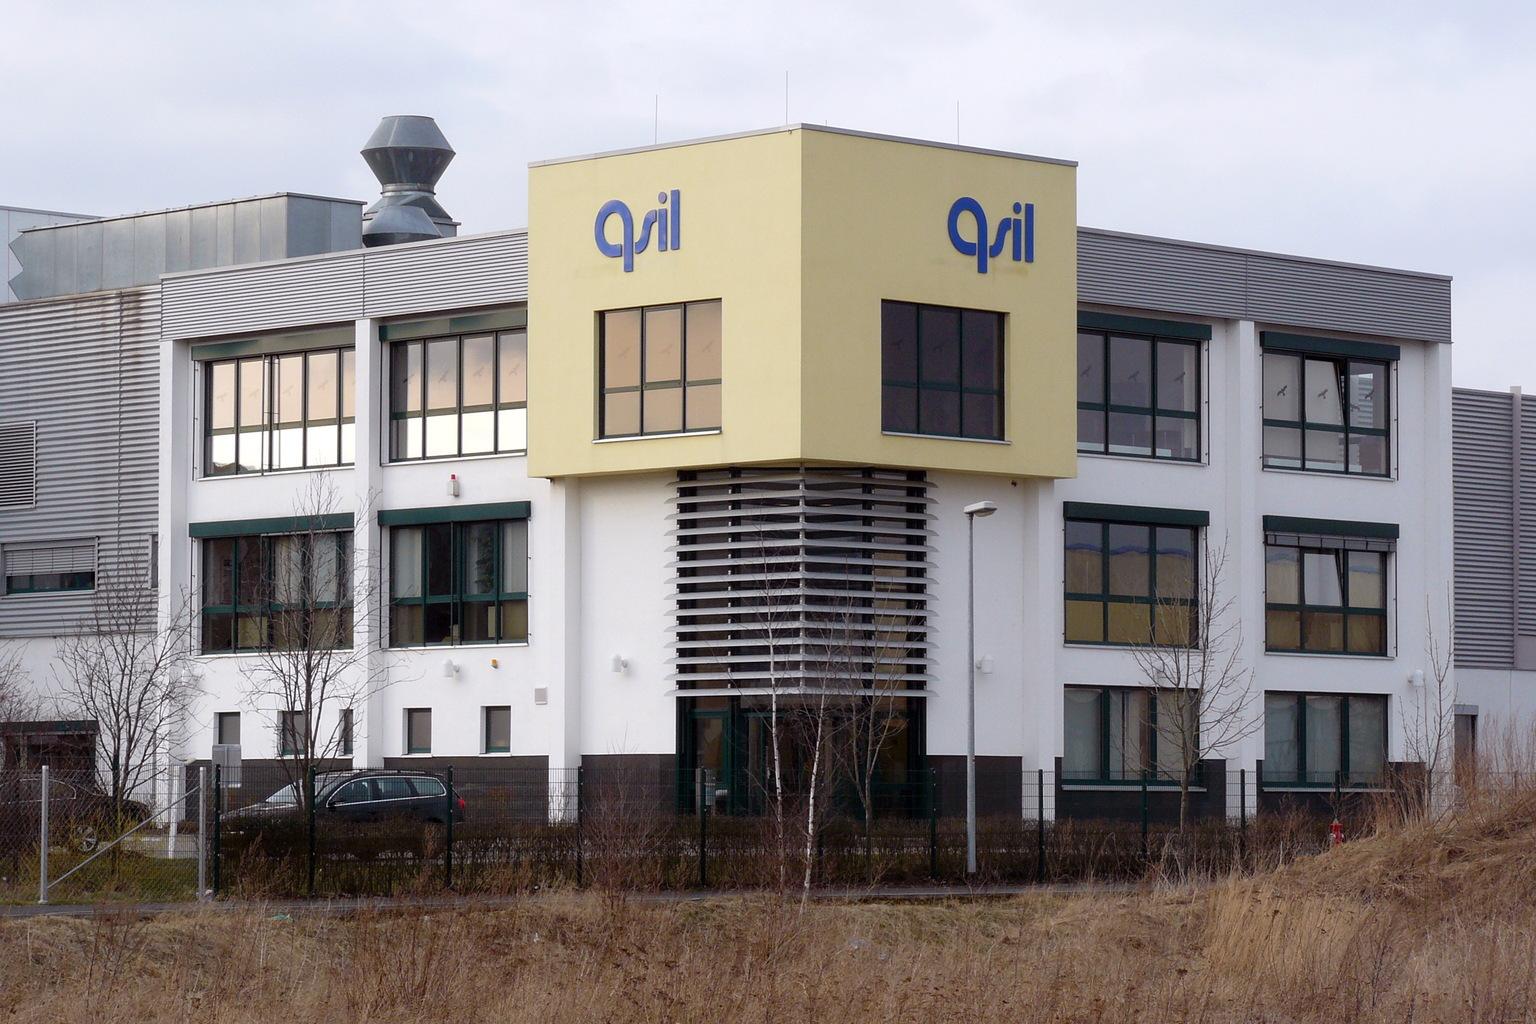 Qsil quarzschmelze ilmenau langewiesen architekturf hrer th ringen - Architekturburo erfurt ...